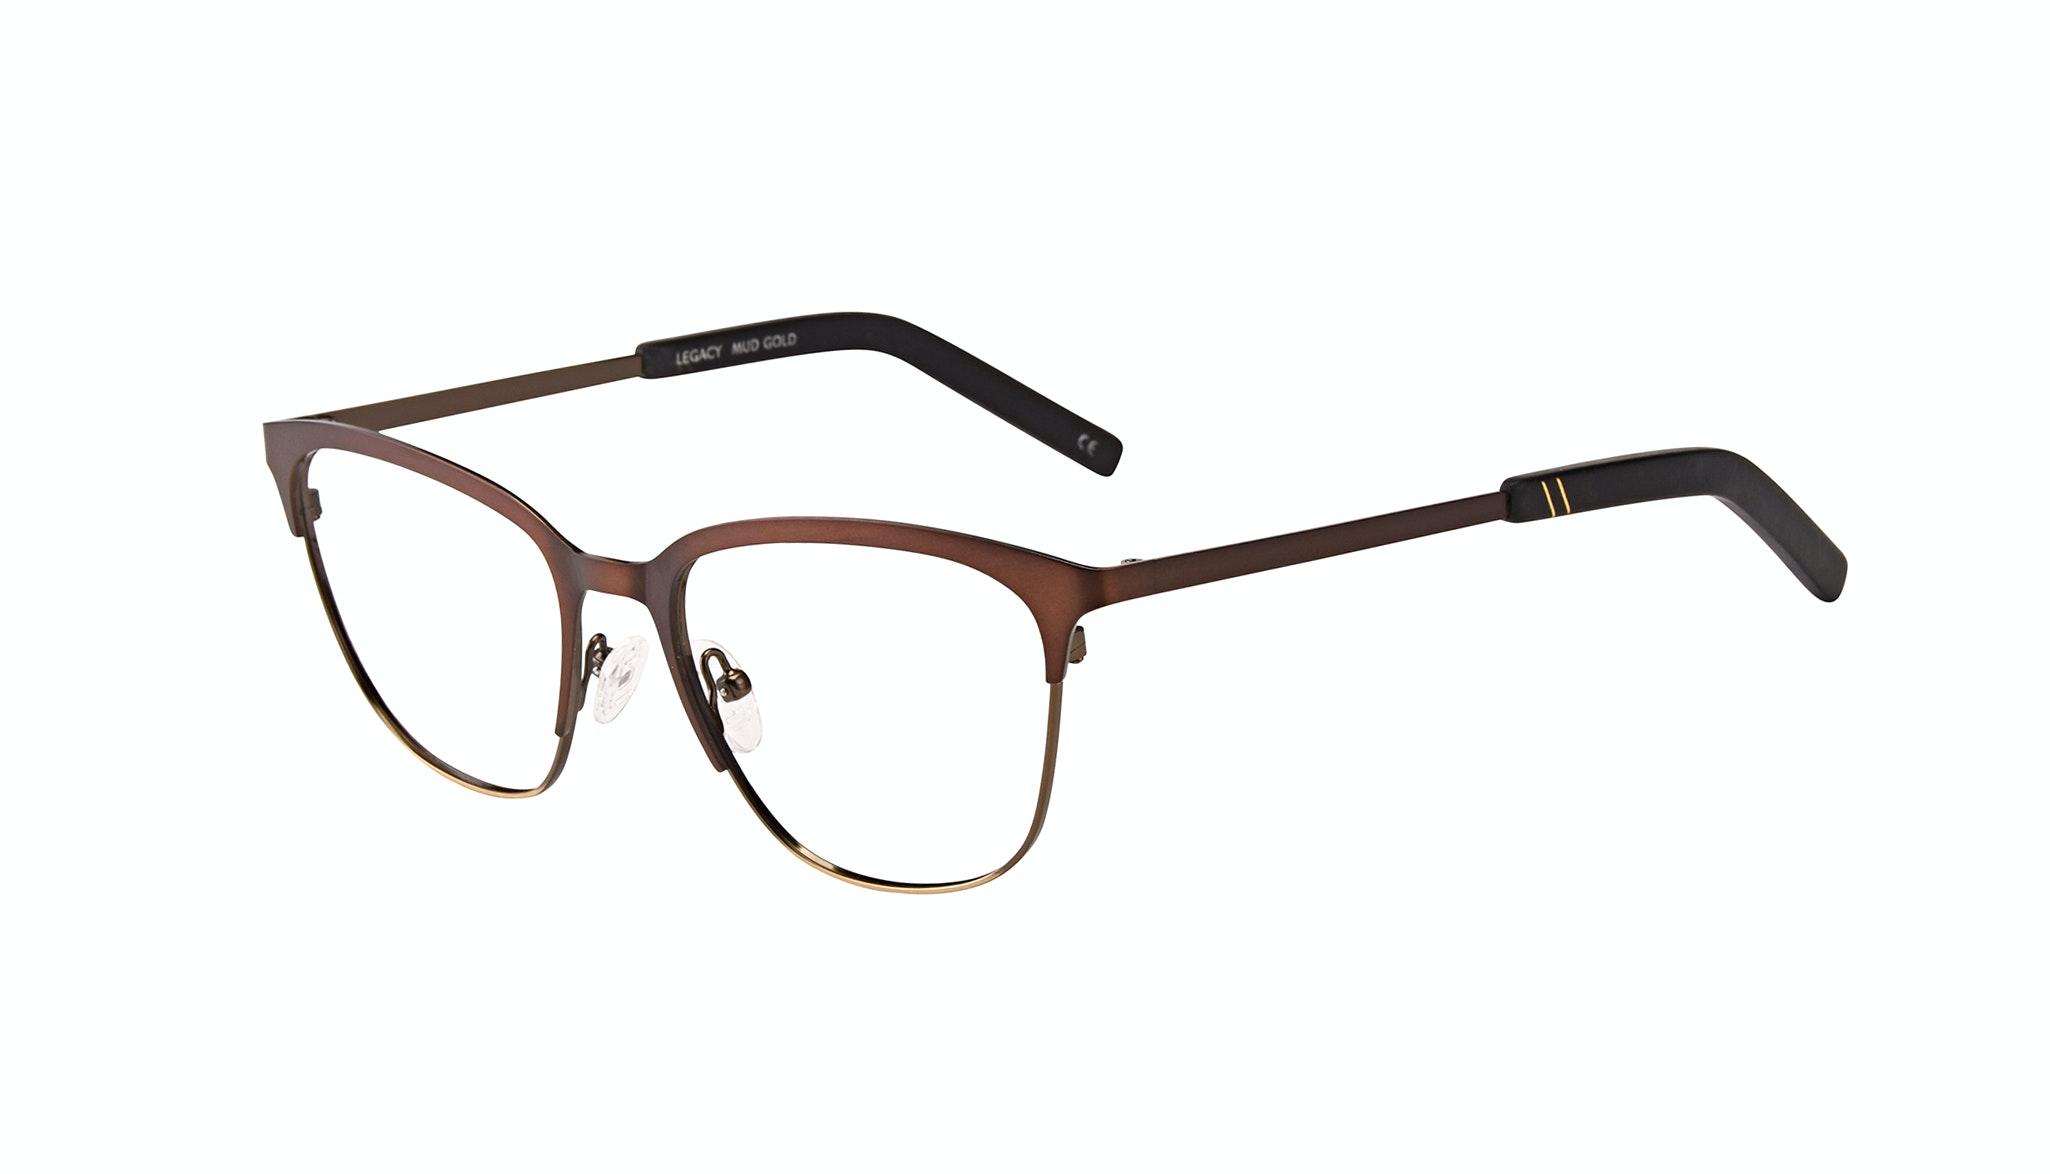 Affordable Fashion Glasses Rectangle Eyeglasses Men Legacy Mud Gold Tilt